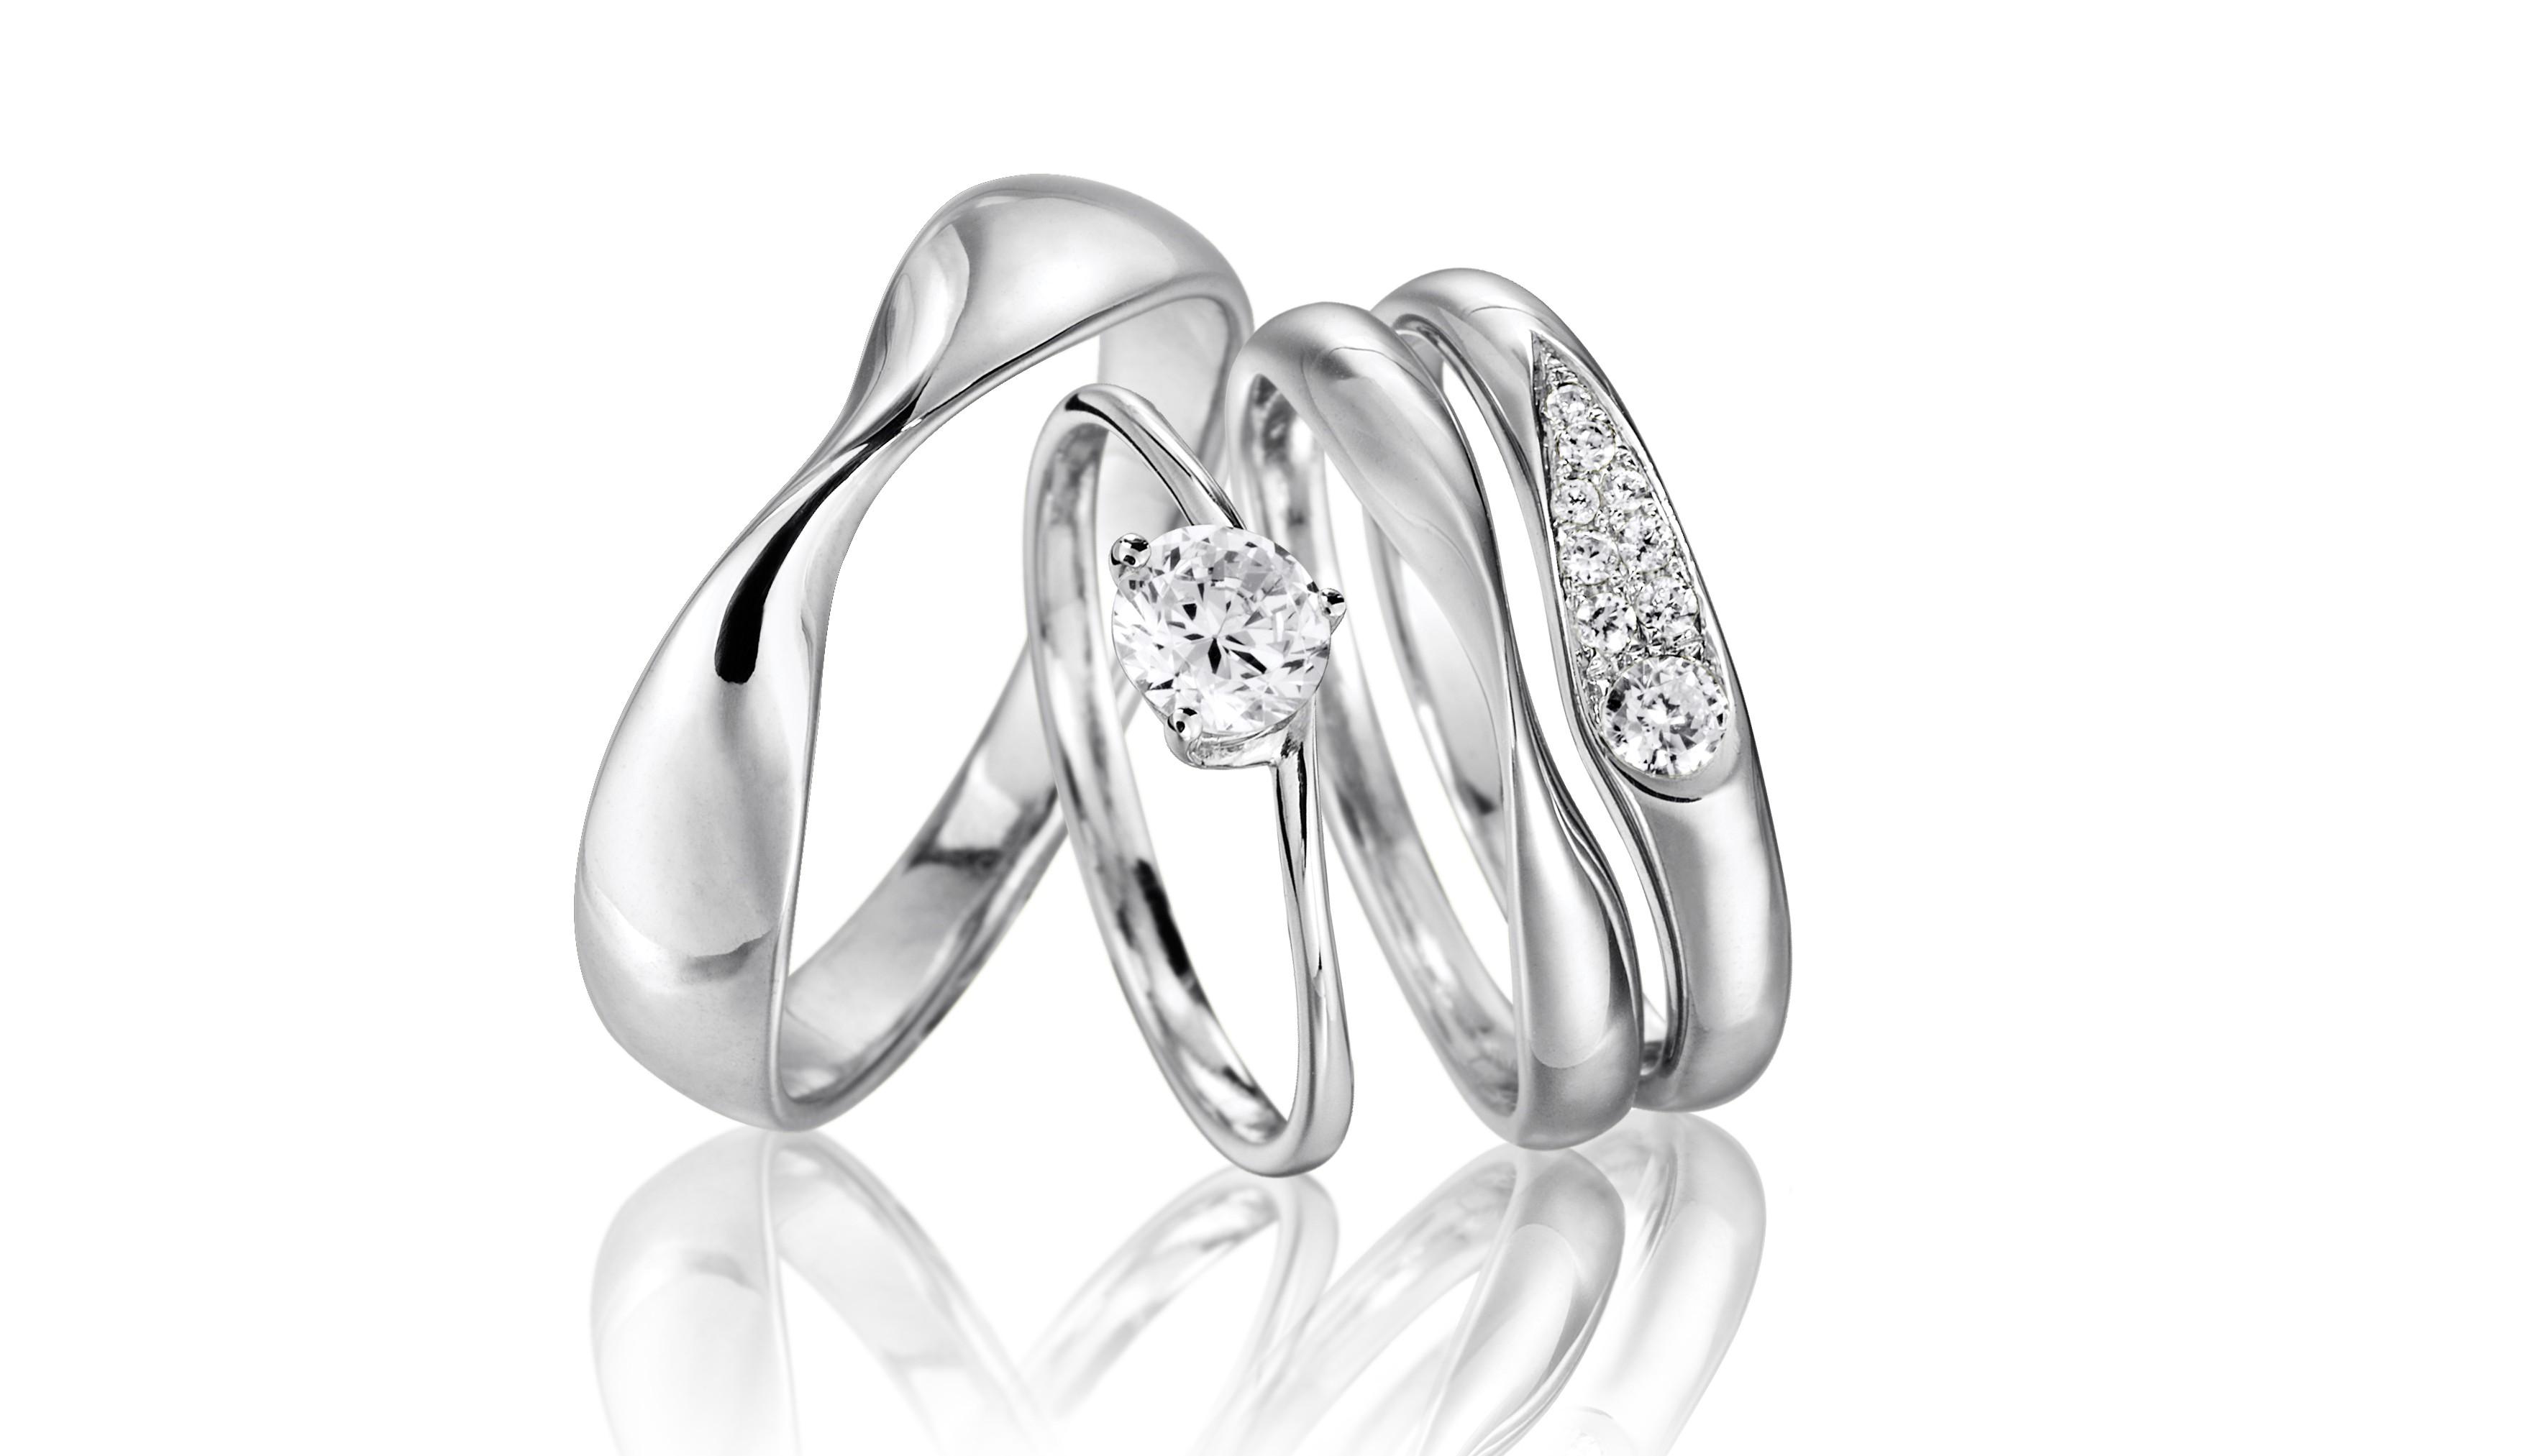 Delicate wedding rings from Fei Liu Fine Jewellery